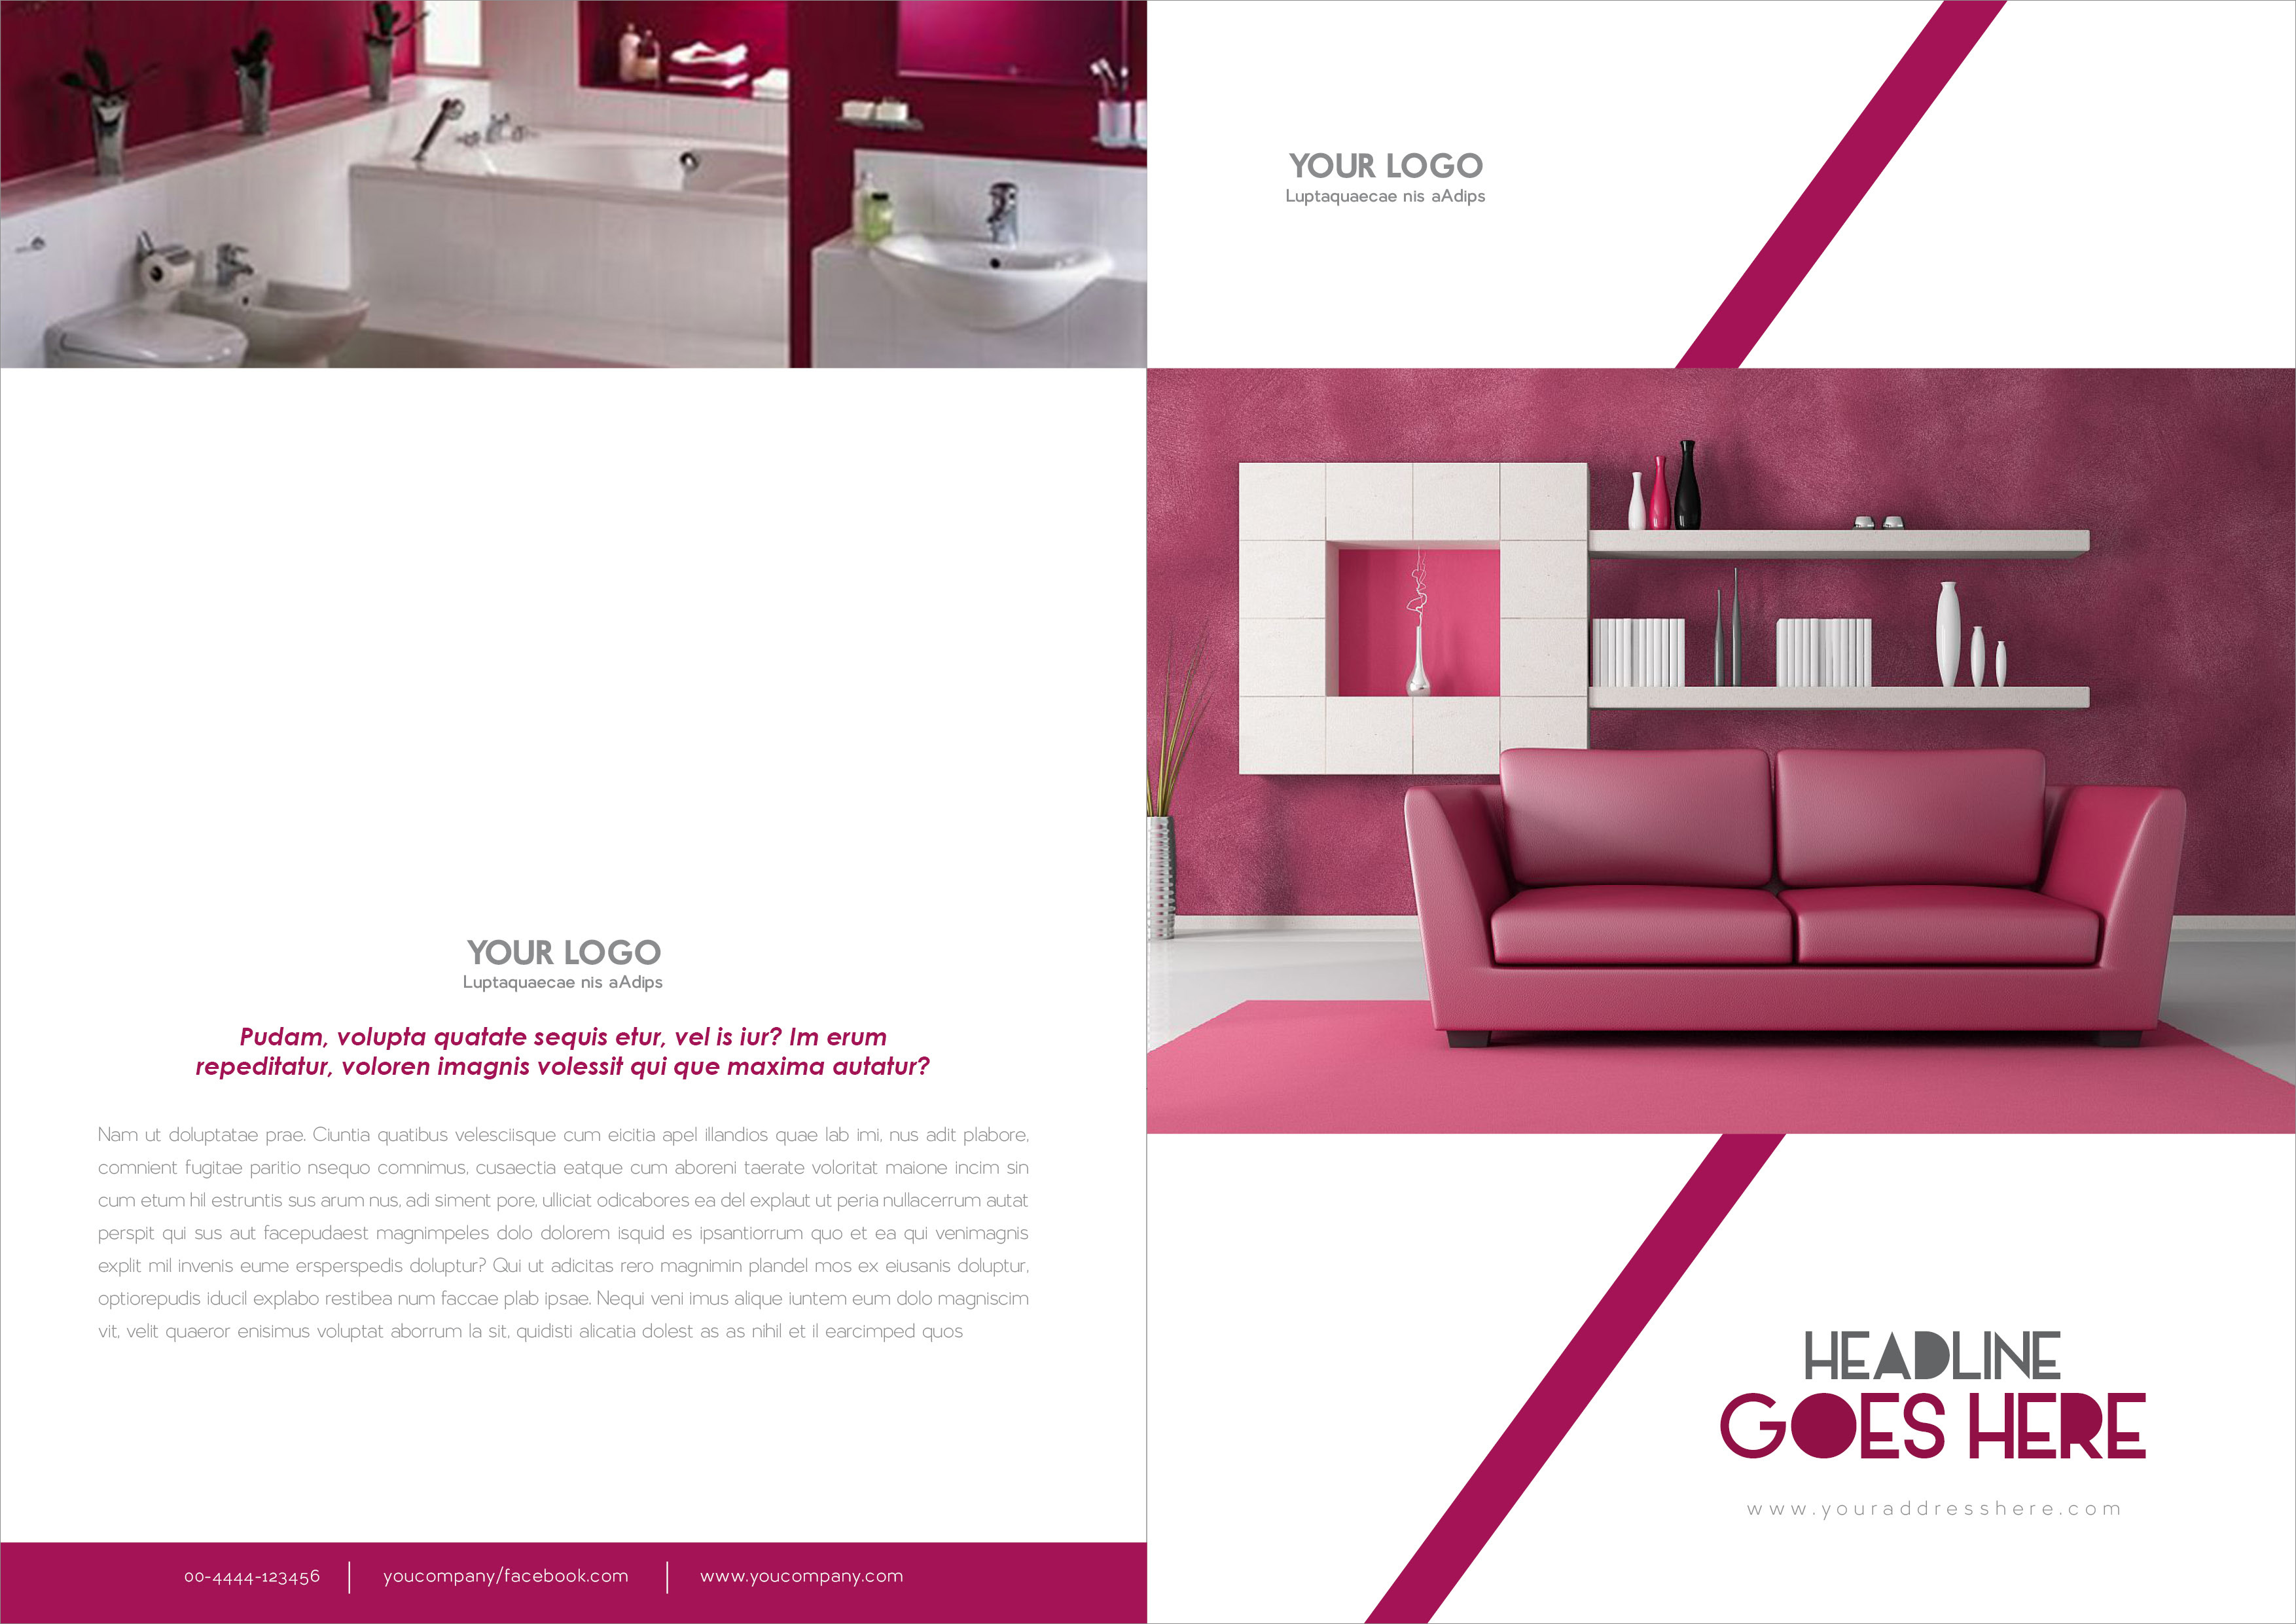 bi-fold-interior-brochure-design-template-3